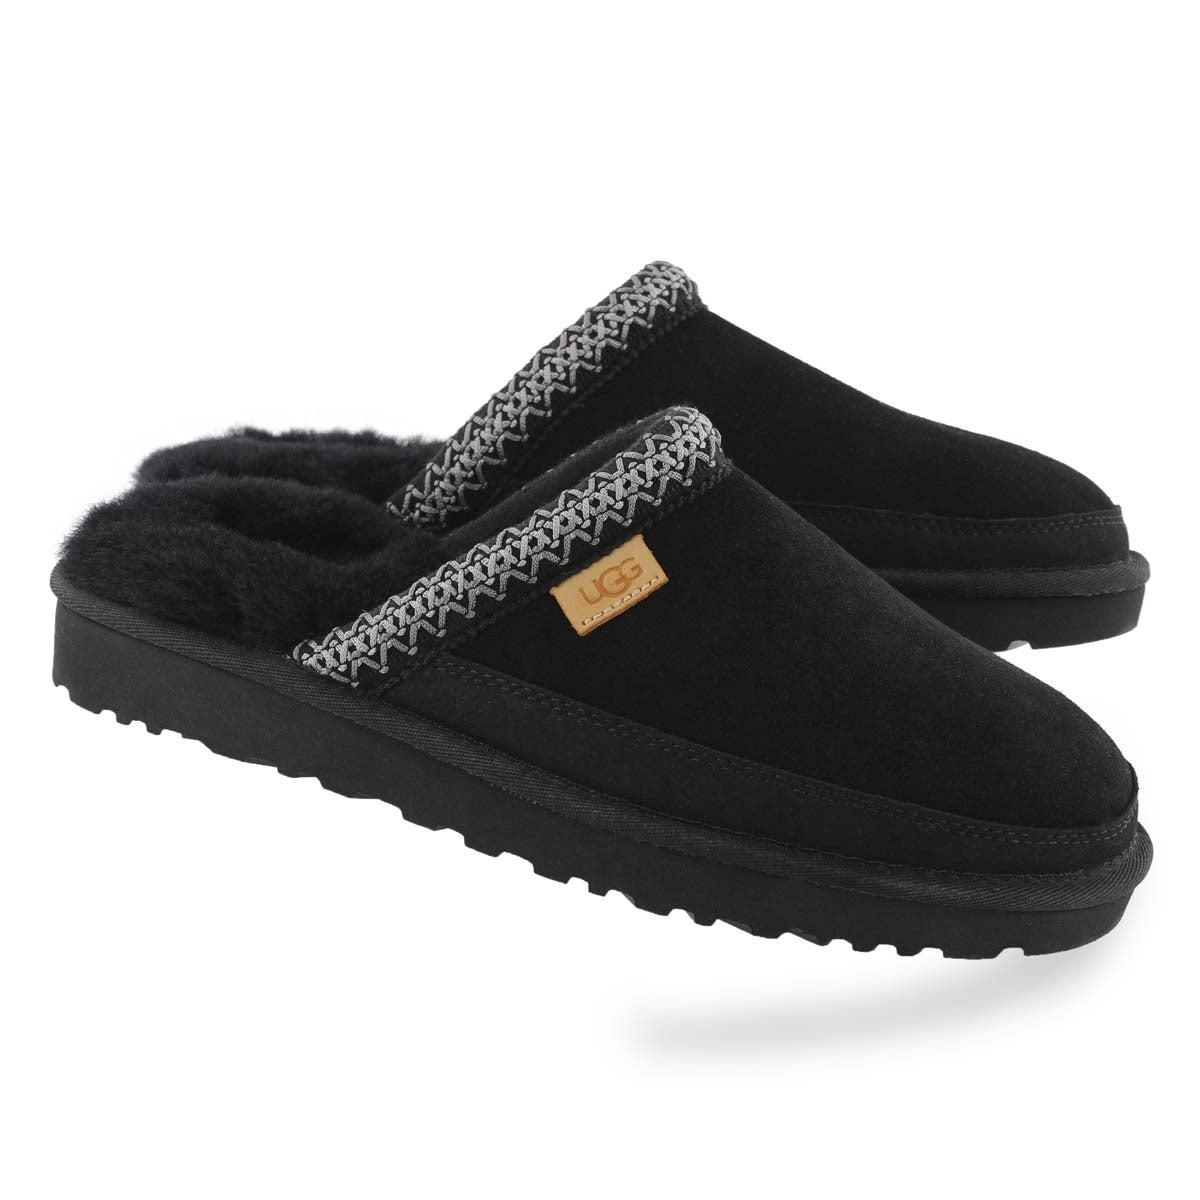 Mns Tasman blk shpskn open back slipper